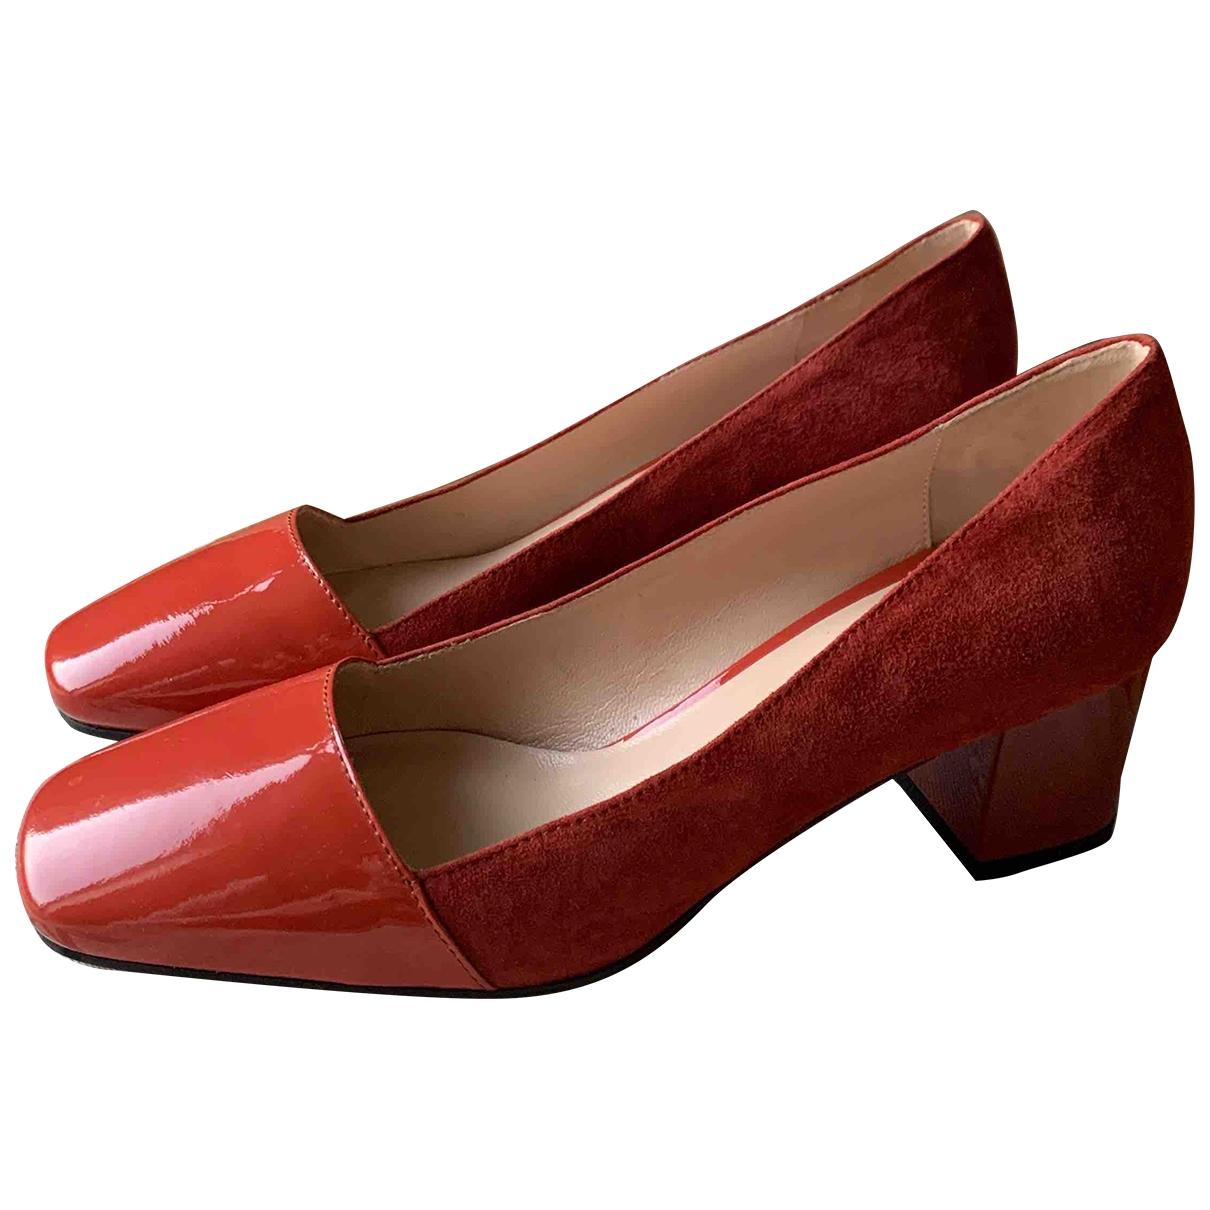 Max Mara - Escarpins   pour femme en cuir verni - rouge